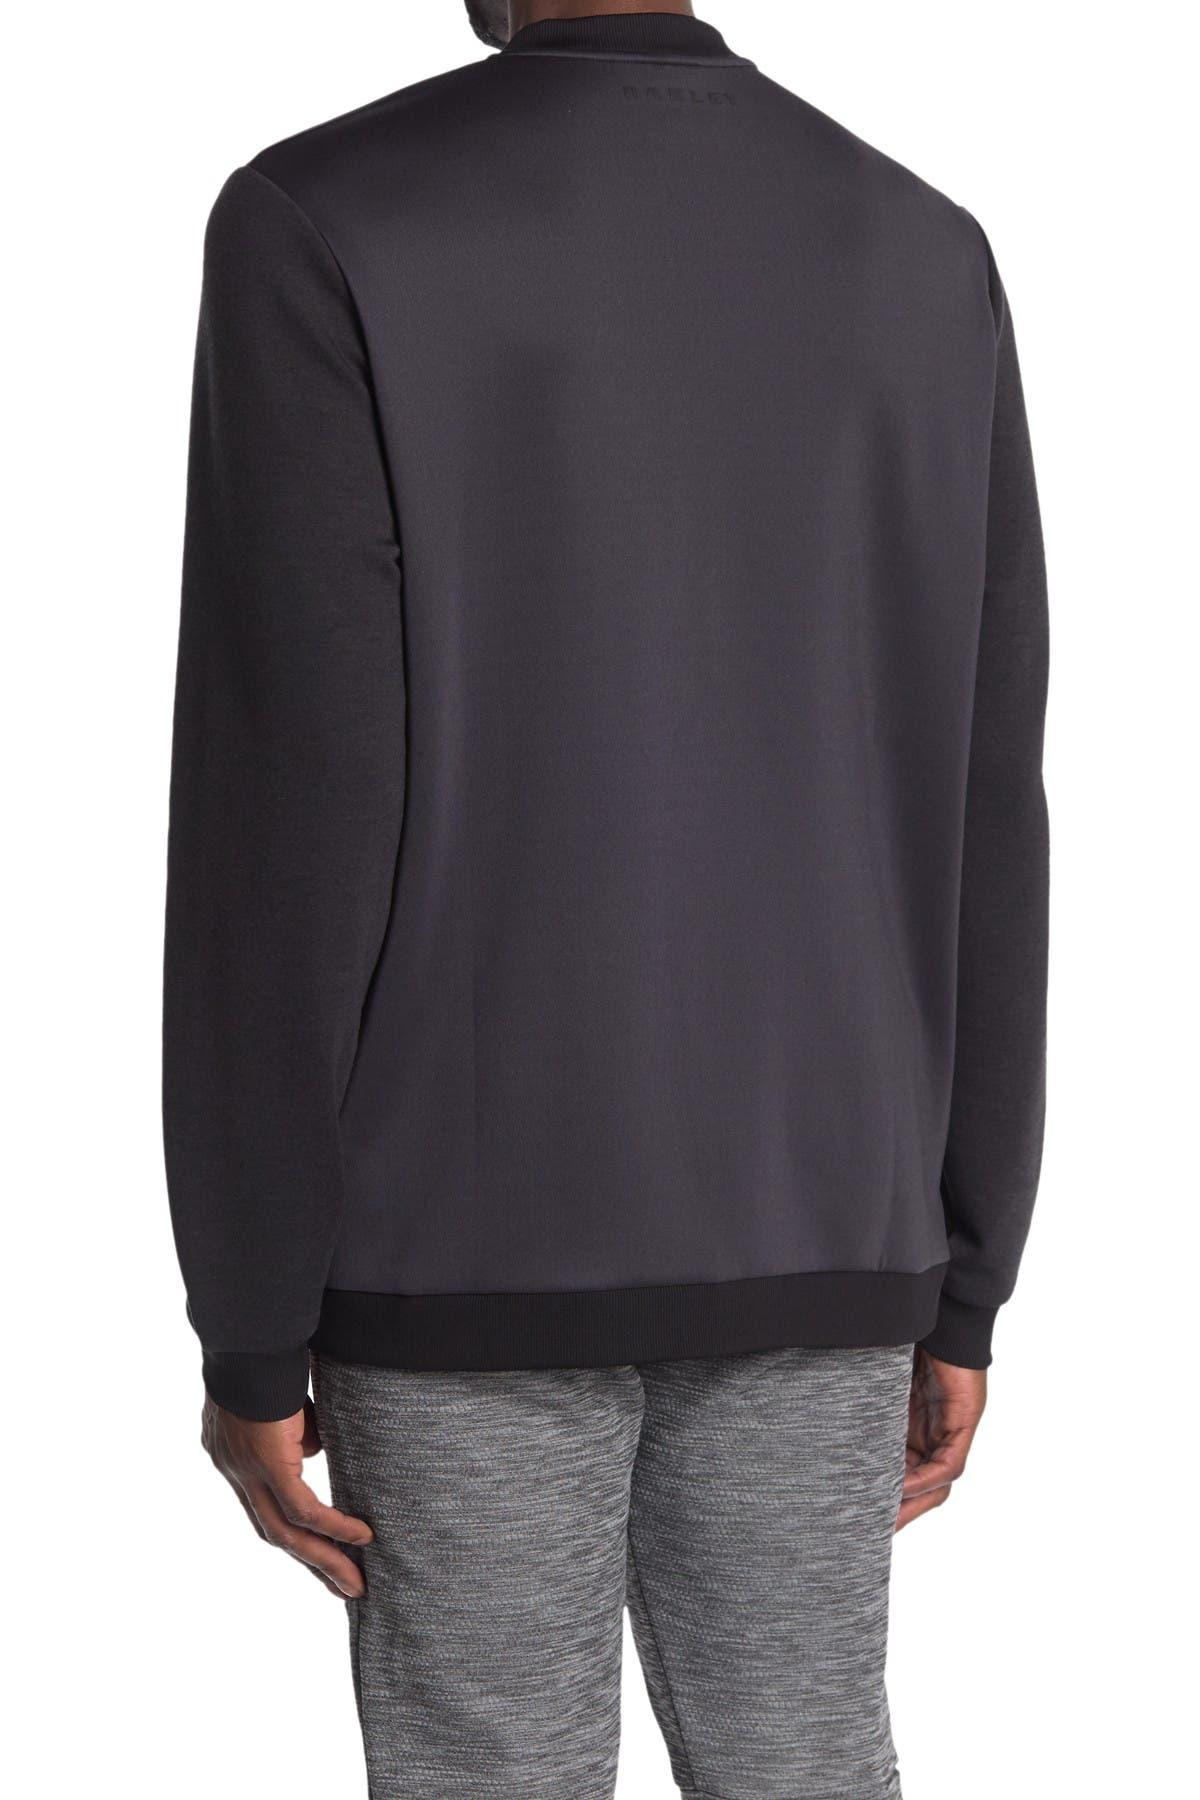 Image of Oakley Ellipse Half Zip Fleece Pullover